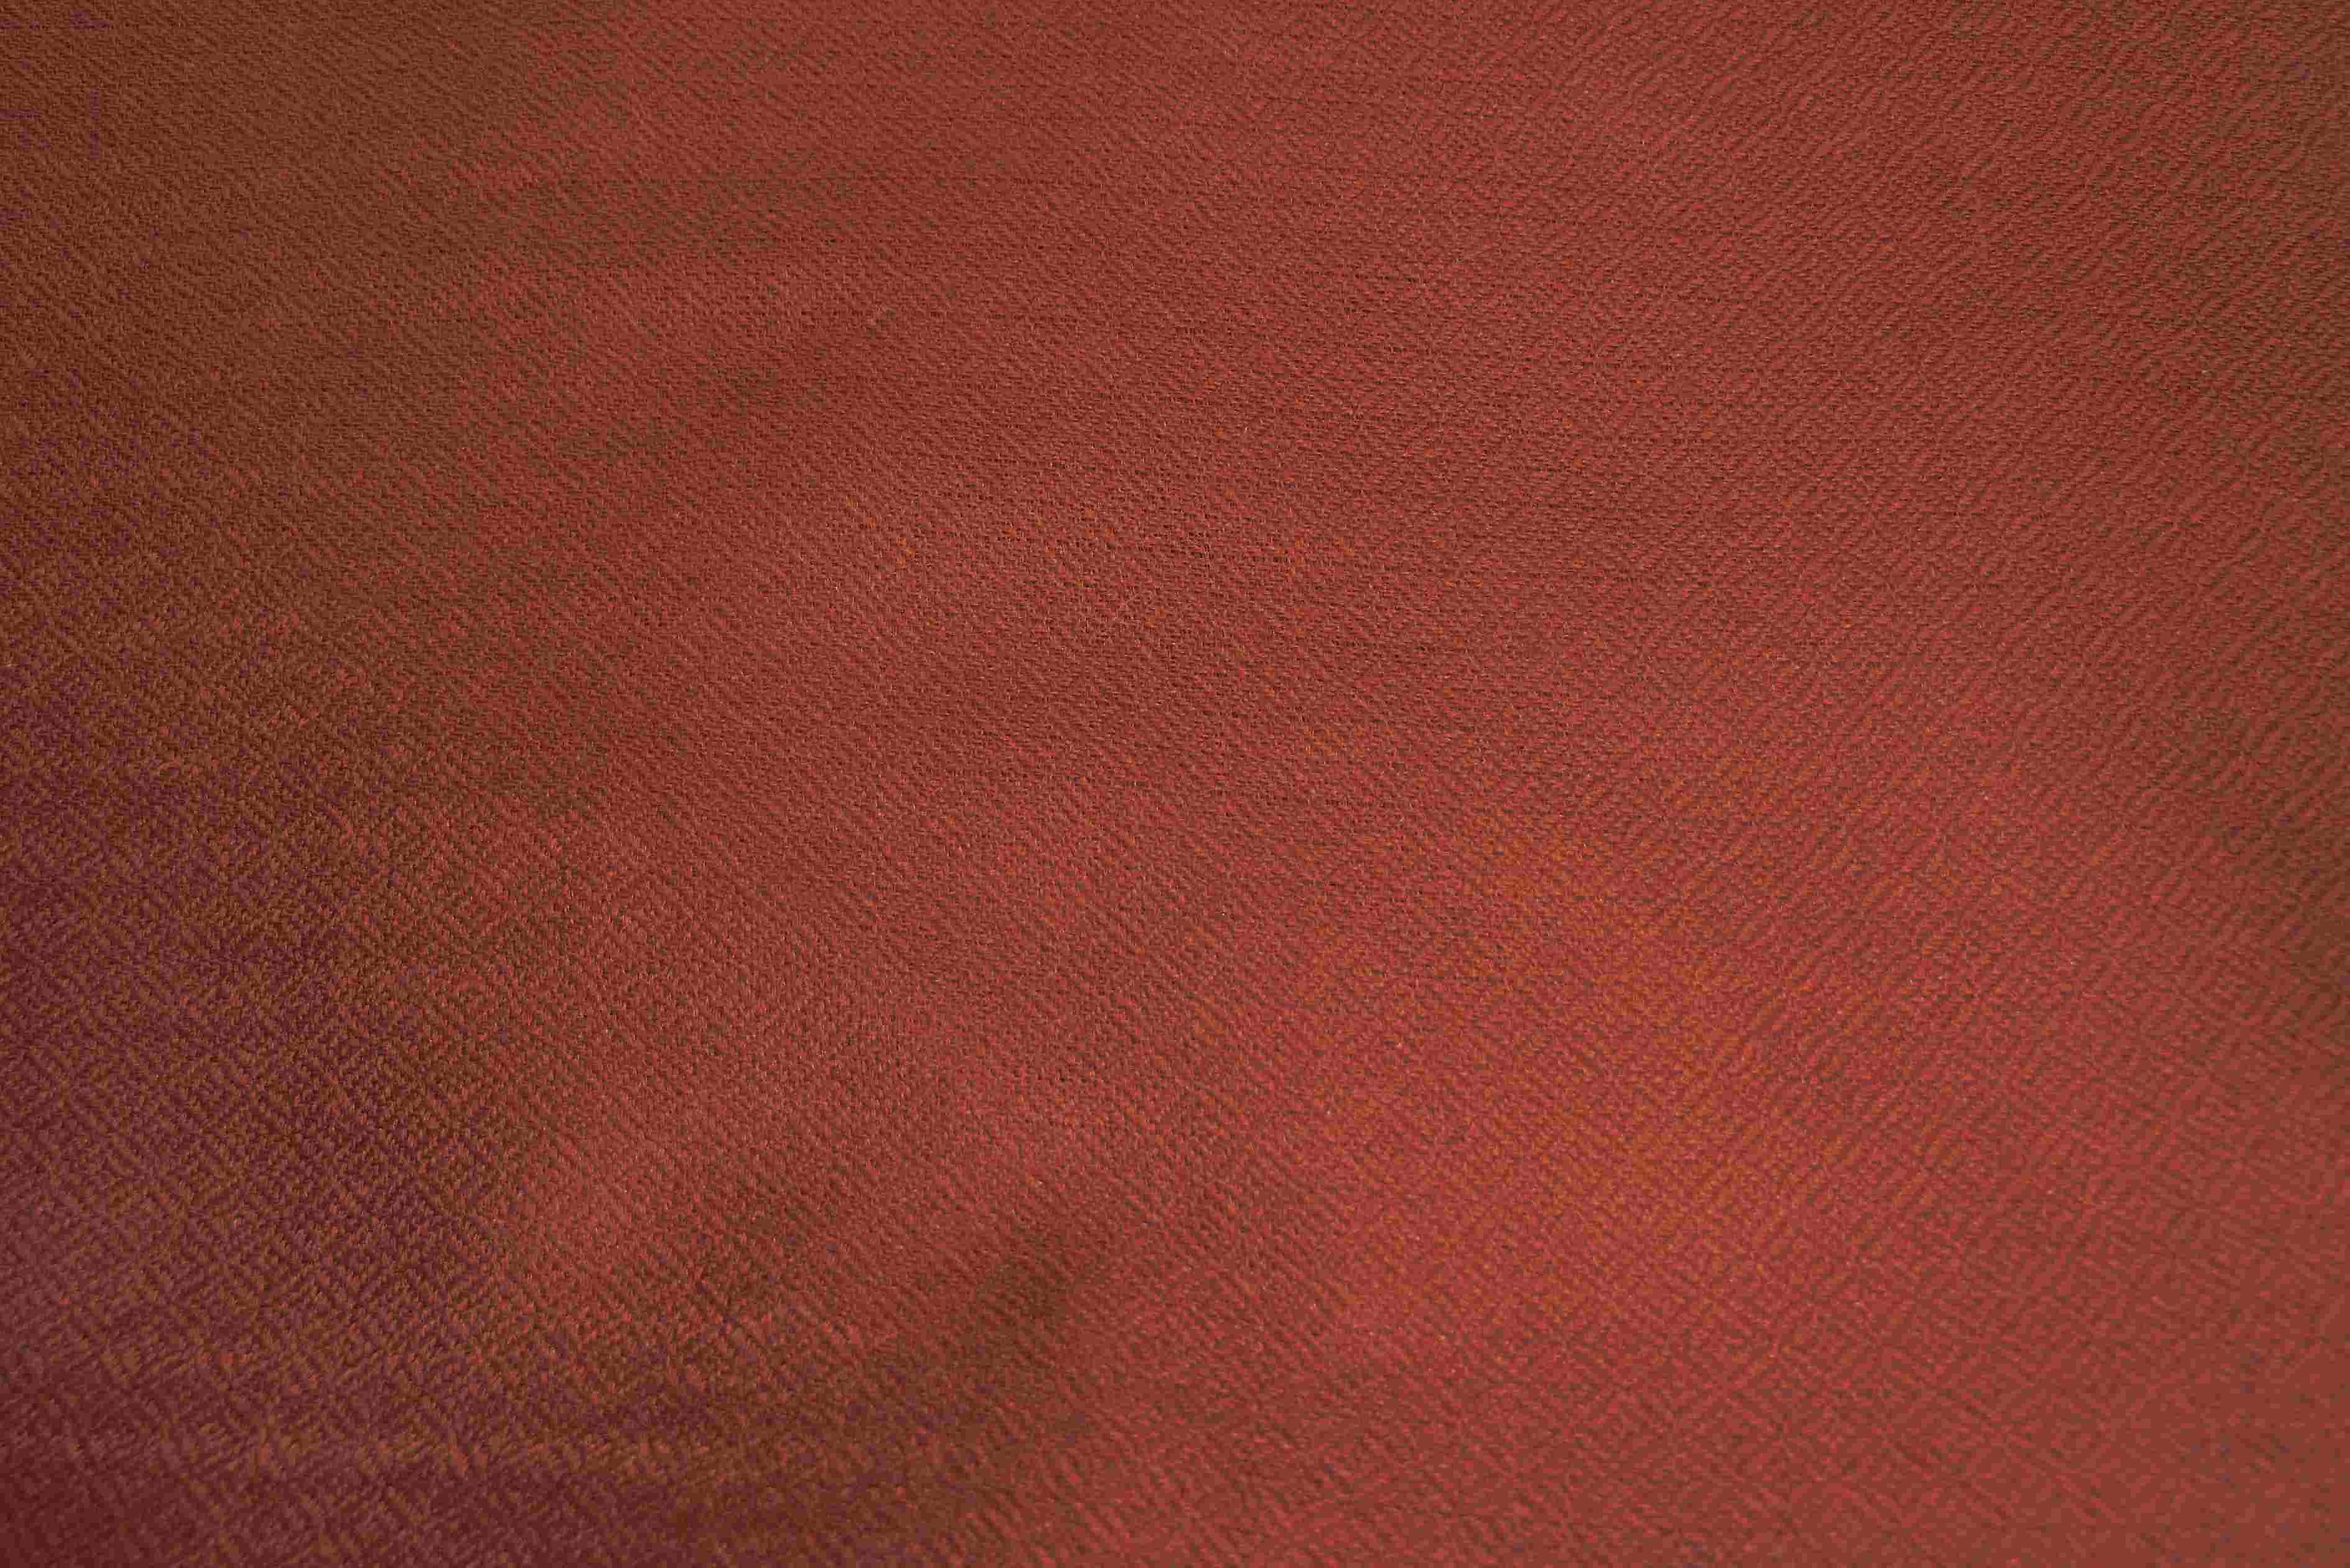 Fine Cashmere Scarf Karakoram Birds-Eye Weave Tuscan by Pashmina & Silk